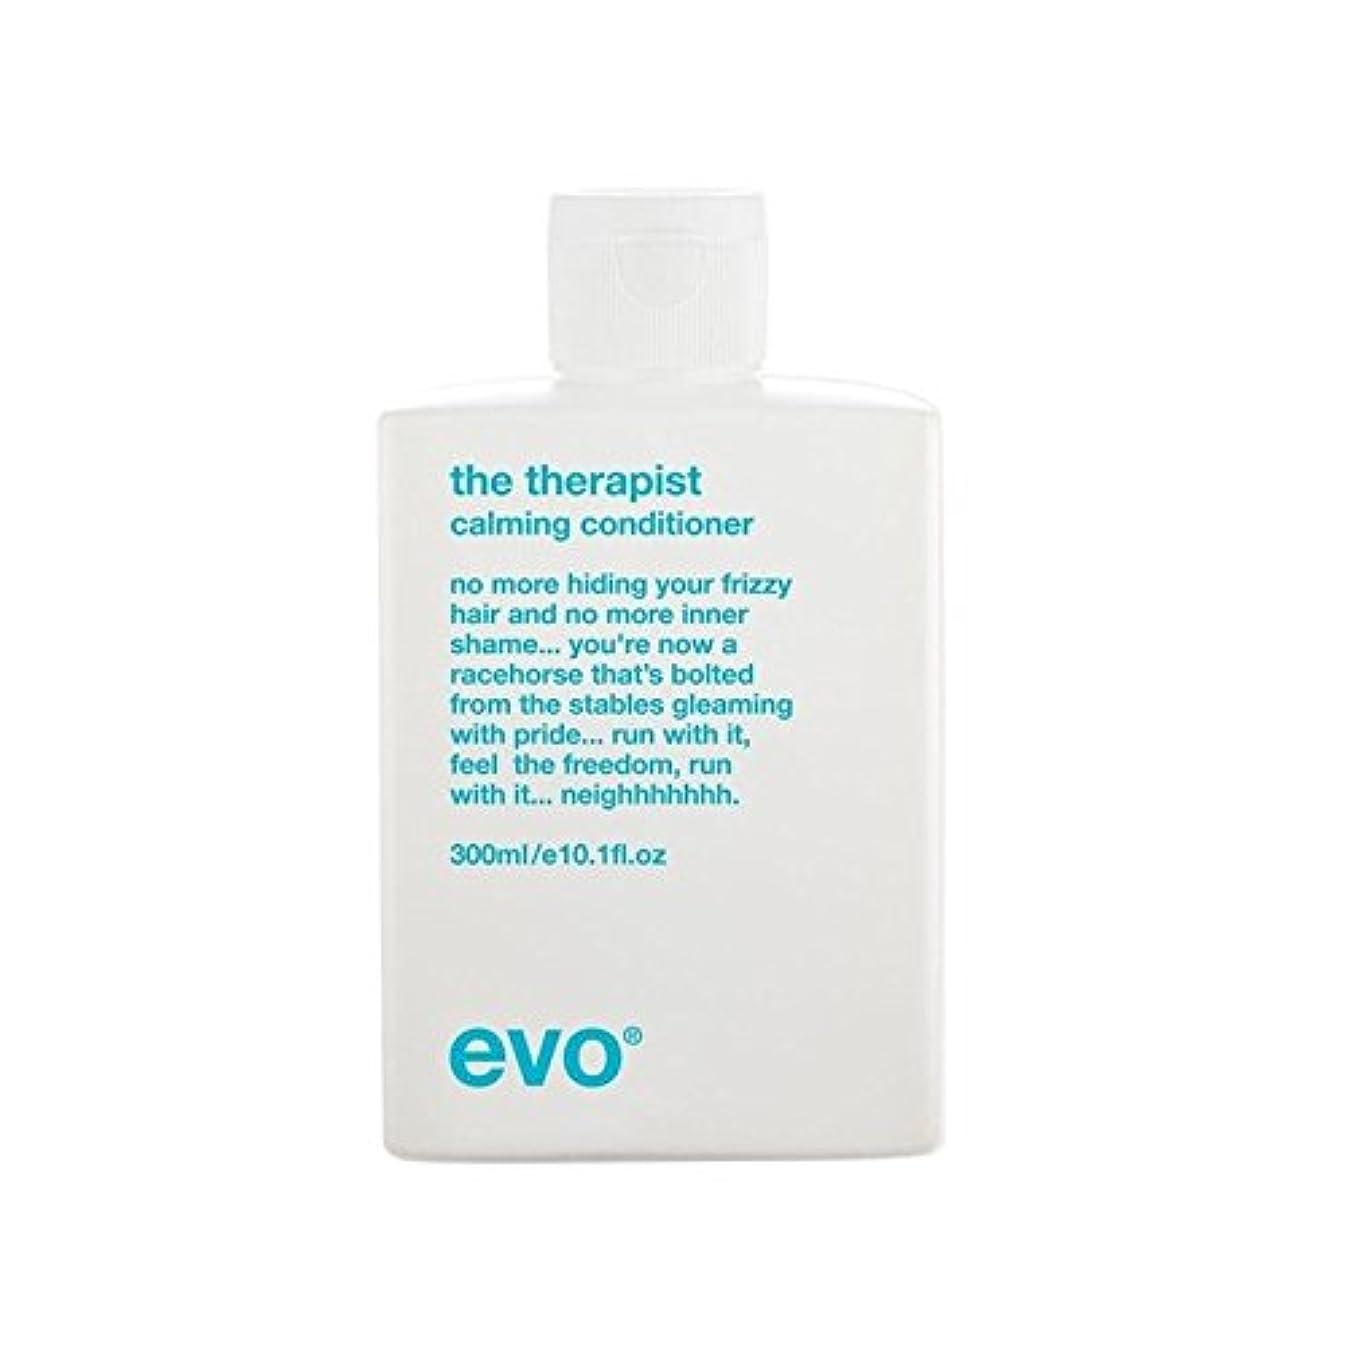 動物番号傭兵セラピスト沈静コンディショナー(300ミリリットル) x2 - Evo The Therapist Calming Conditioner (300ml) (Pack of 2) [並行輸入品]